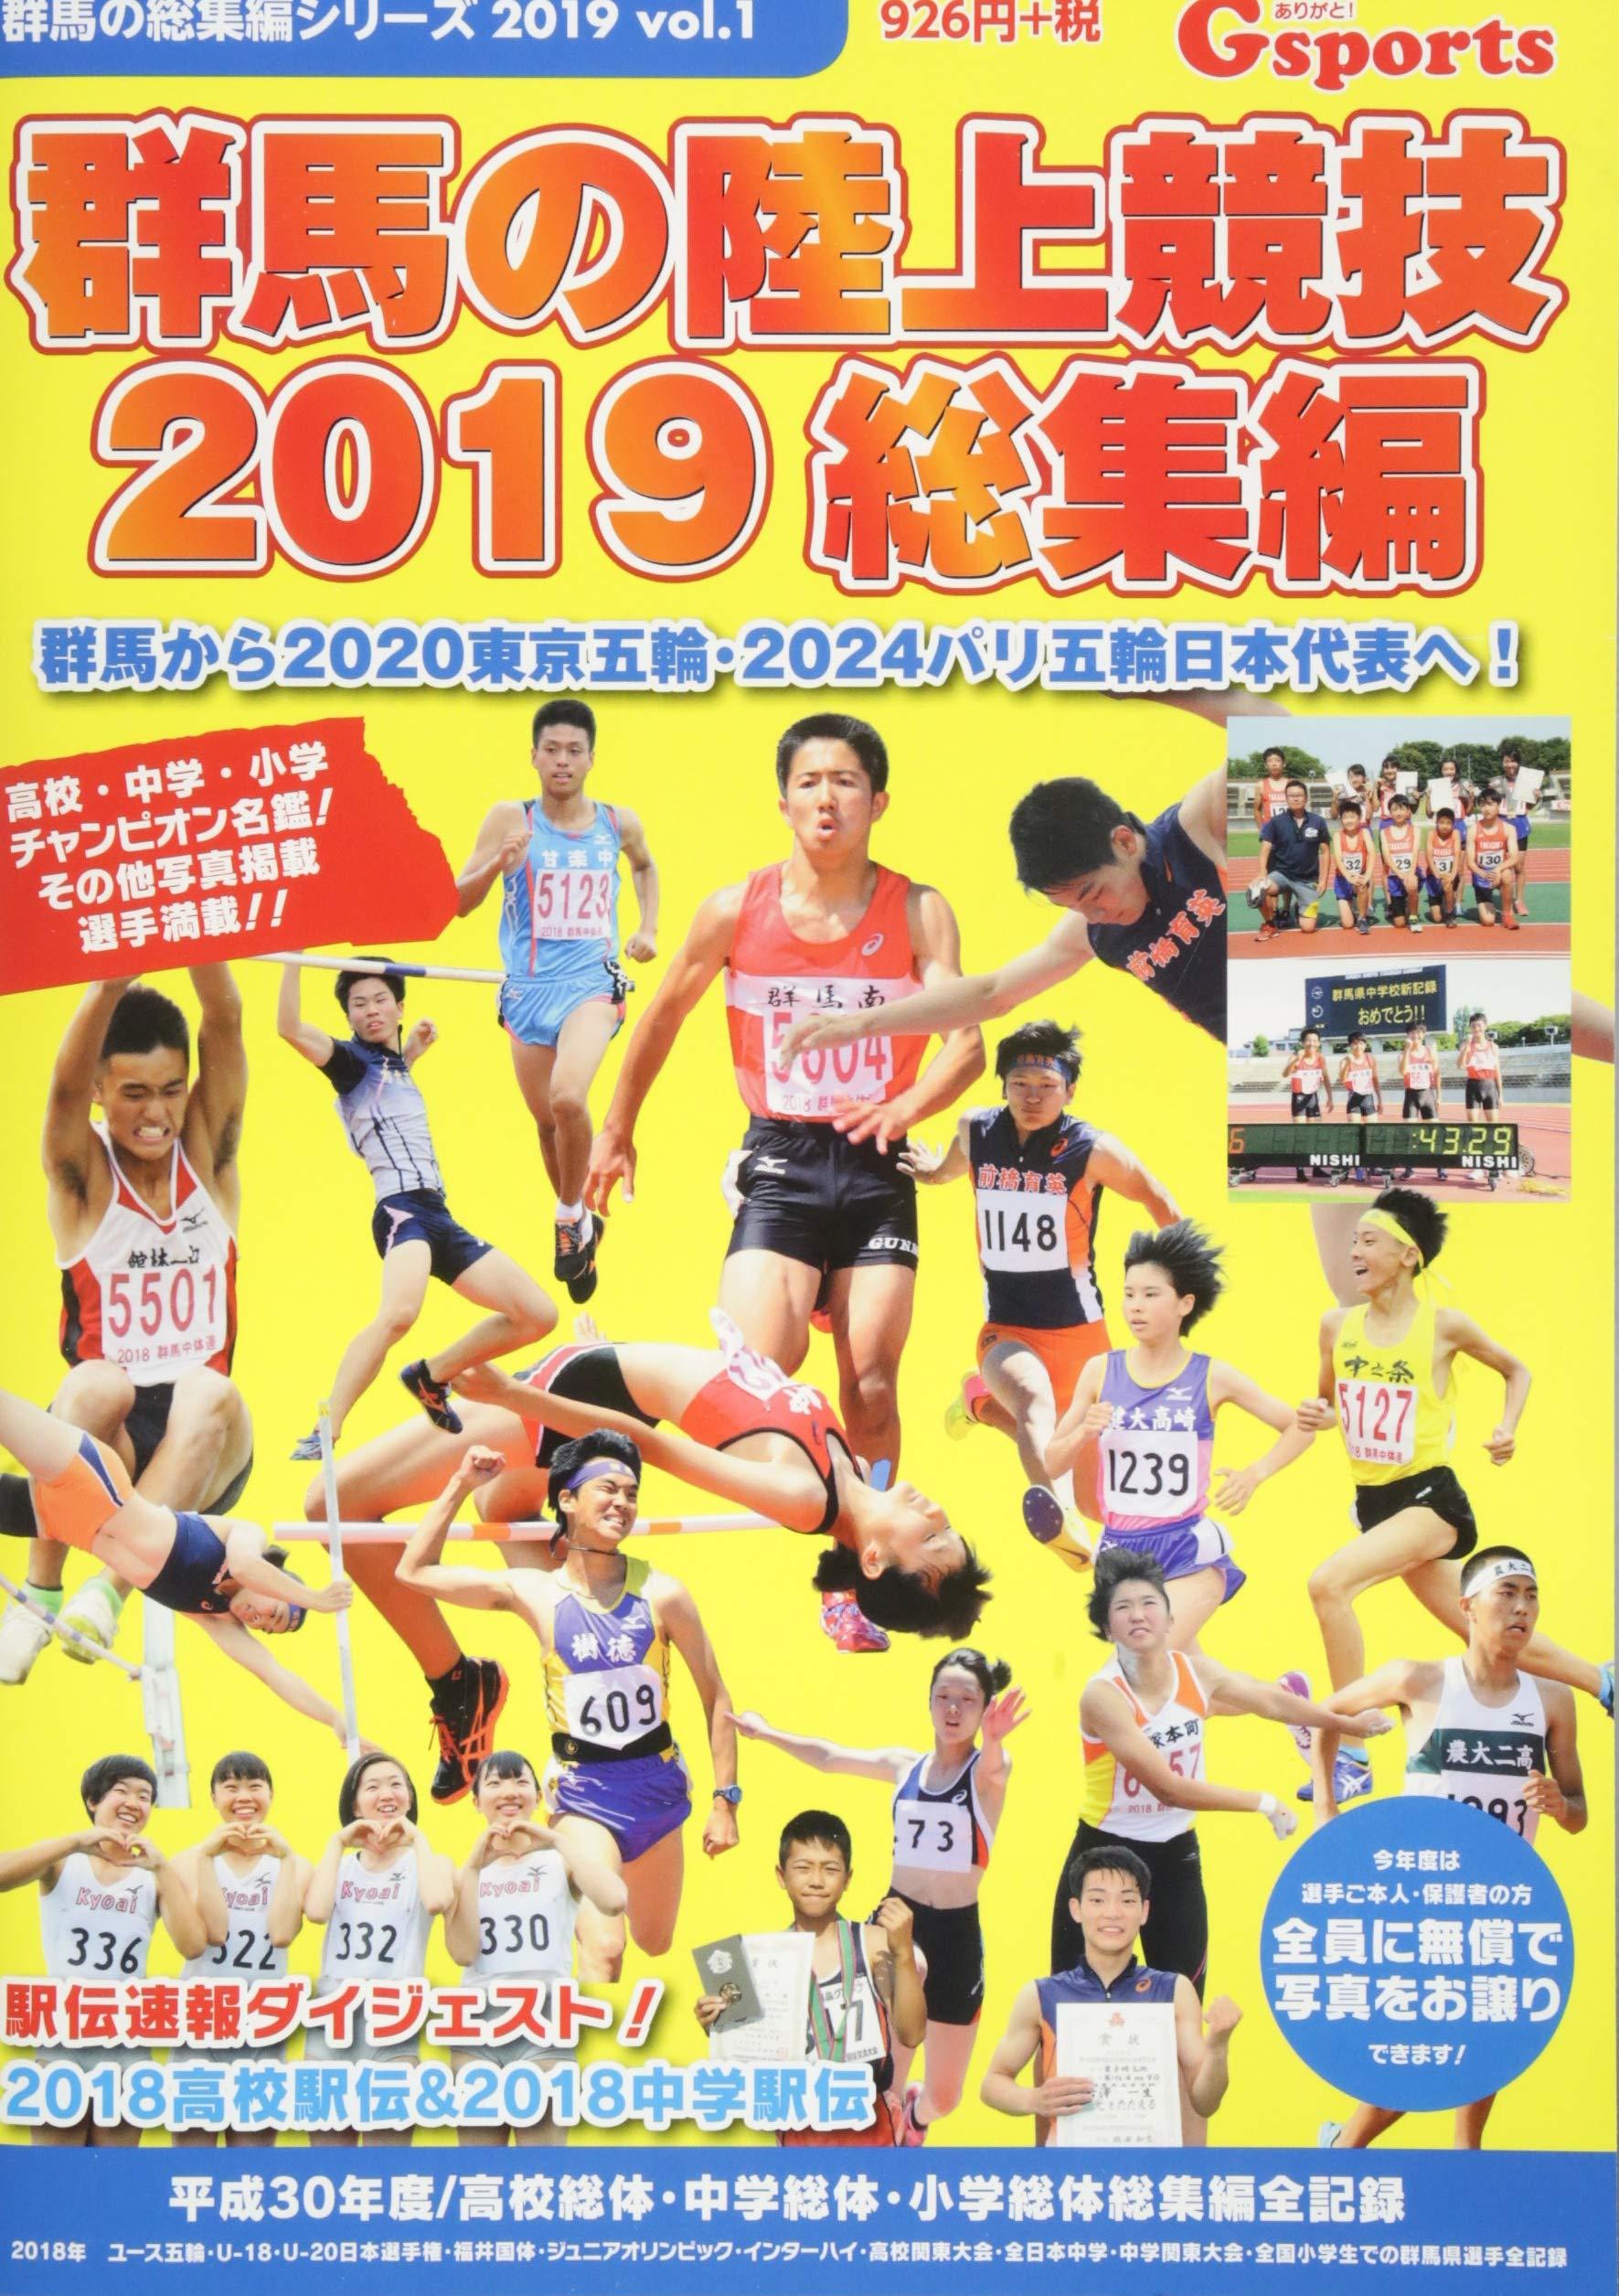 関東 中学 2019 陸上 大会